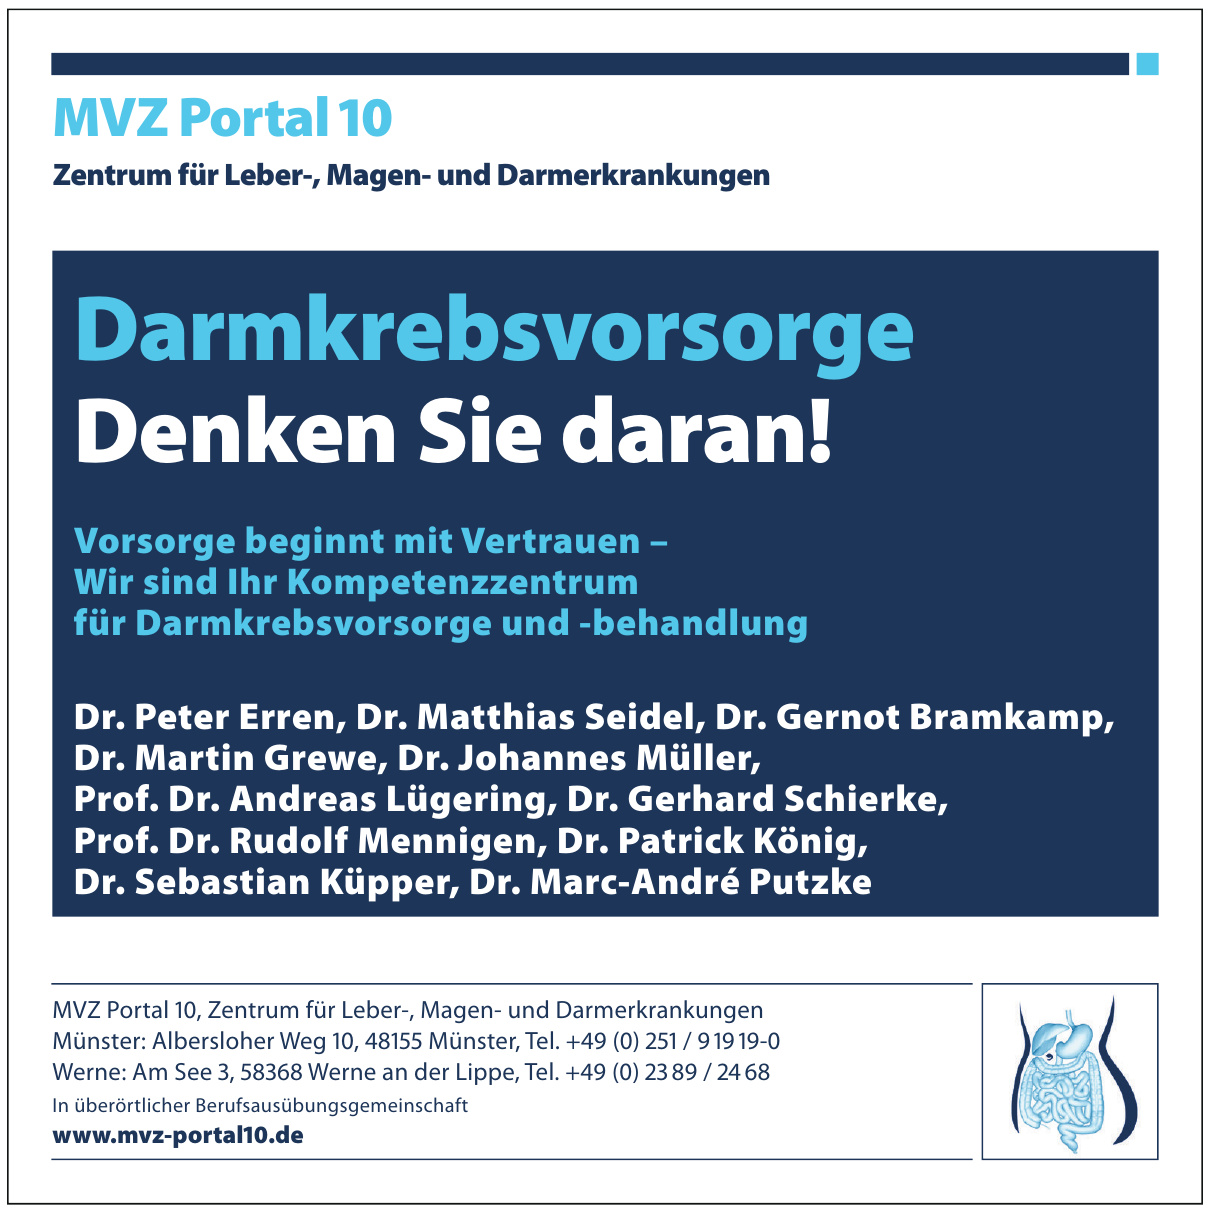 MVZ Portal 10